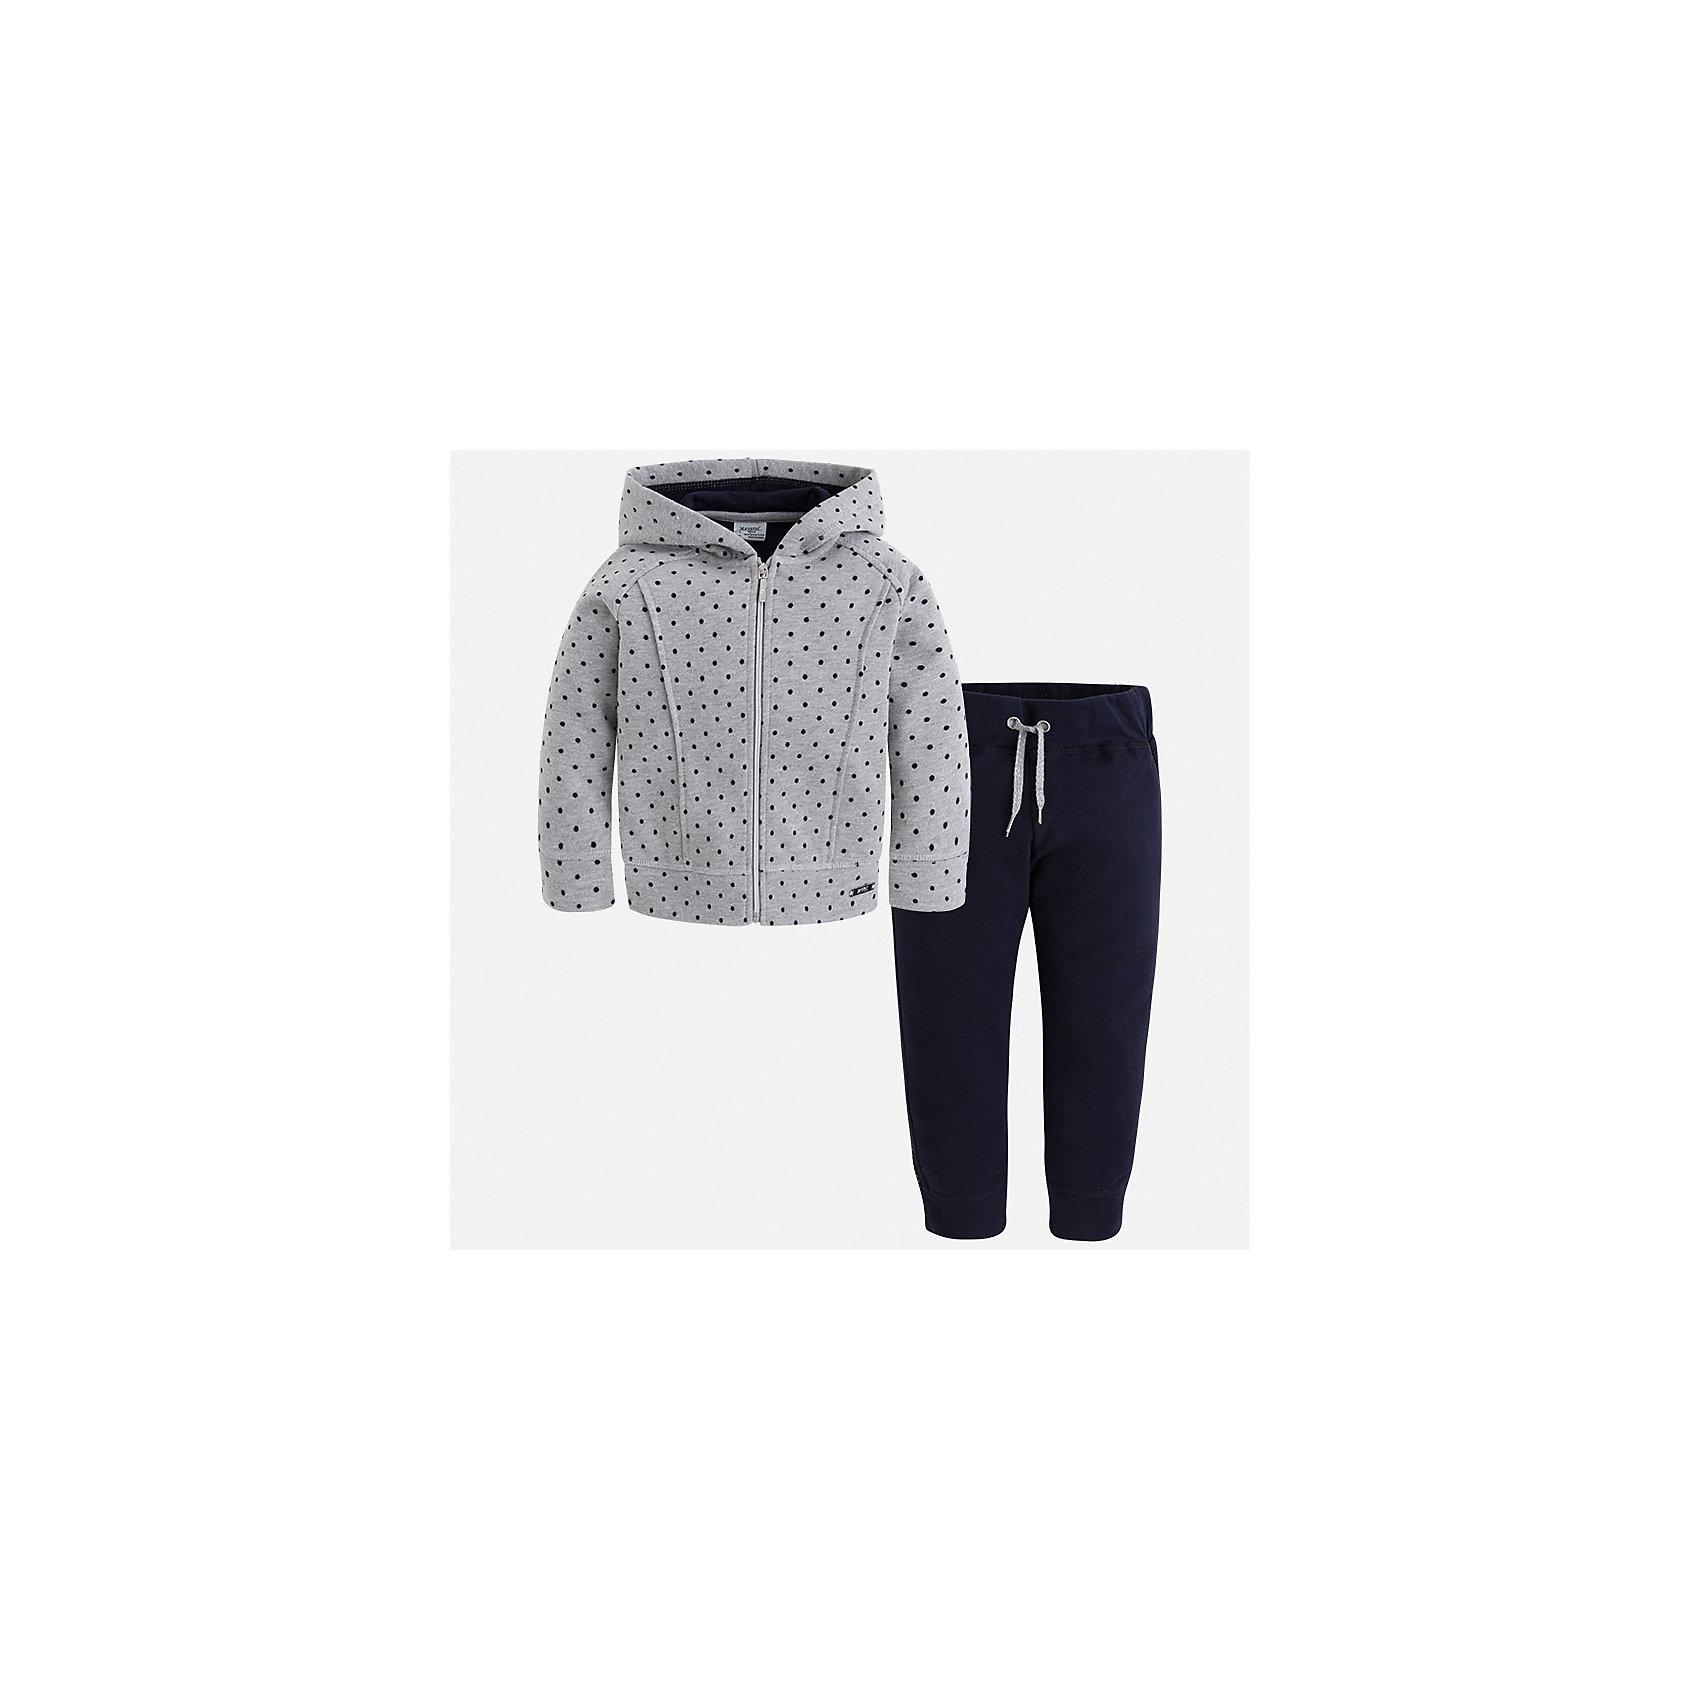 Спортивный костюм Mayoral для девочкиКомплекты<br>Характеристики товара:<br><br>• цвет: черный<br>• комплектация: курточка и брюки<br>• состав ткани курточки: 57% хлопок, 38% полиэстер, 5% эластан<br>• состав ткани брюк: 45% хлопок, 42% полиэстер, 13% металлизированная нить<br>• длинные рукава<br>• застежка: молния<br>• пояс: резинка и шнурок<br>• особенности модели: спортивный стиль<br>• сезон: круглый год<br>• страна бренда: Испания<br>• страна изготовитель: Индия<br><br>Этот спортивный костюм - отличный вариант одежды для отдыха и занятий спортом. Курточка с капюшоном из этого комплекта украшена модным принтом. Удобный детский спортивный костюм от известного бренда Майорал выглядит аккуратно и стильно. <br><br>Детская одежда от испанской компании Mayoral отличаются оригинальным и всегда стильным дизайном. Качество продукции неизменно очень высокое.<br><br>Спортивный костюм для девочки Mayoral (Майорал) можно купить в нашем интернет-магазине.<br><br>Ширина мм: 247<br>Глубина мм: 16<br>Высота мм: 140<br>Вес г: 225<br>Цвет: черный<br>Возраст от месяцев: 96<br>Возраст до месяцев: 108<br>Пол: Женский<br>Возраст: Детский<br>Размер: 134,92,98,104,110,116,122,128<br>SKU: 6922964